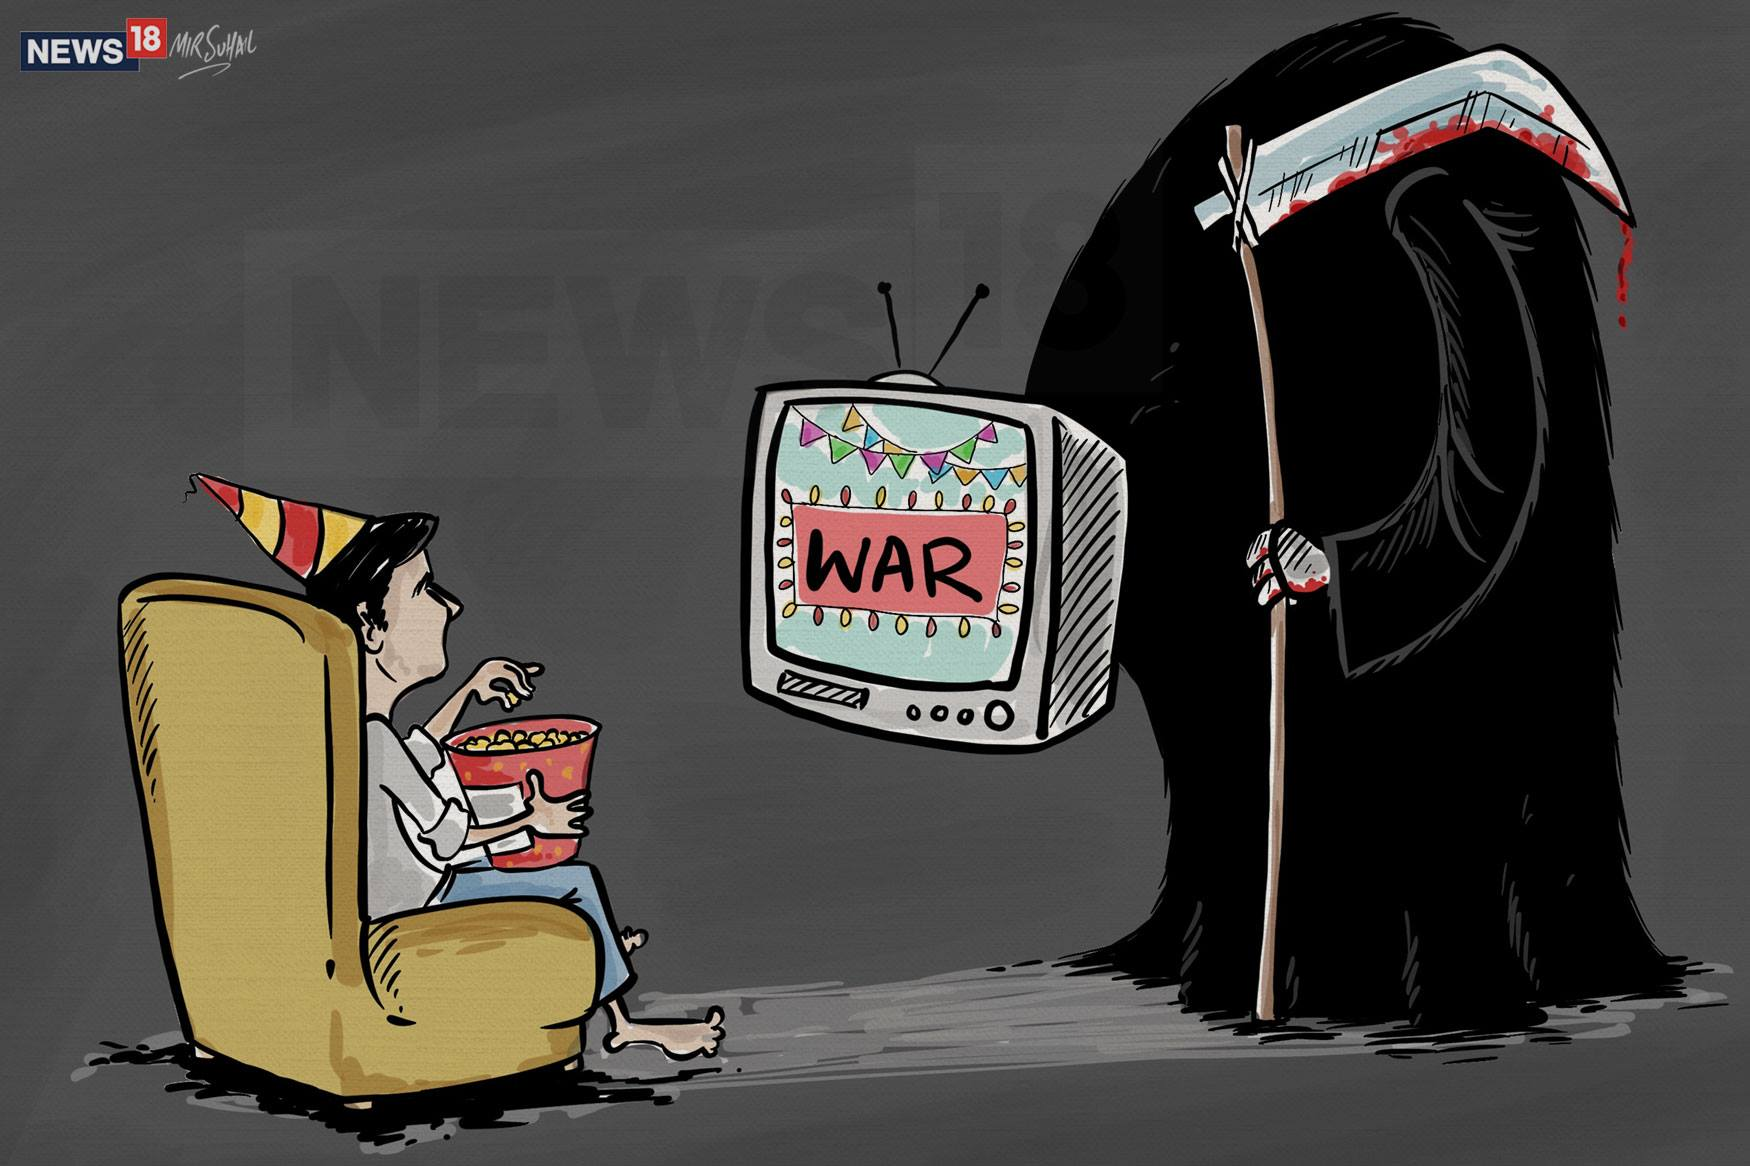 #SaysNoToWar : युद्ध नको! भारत-पाकमधील नागरिकांचा सोशल मीडियावर ट्रेंड